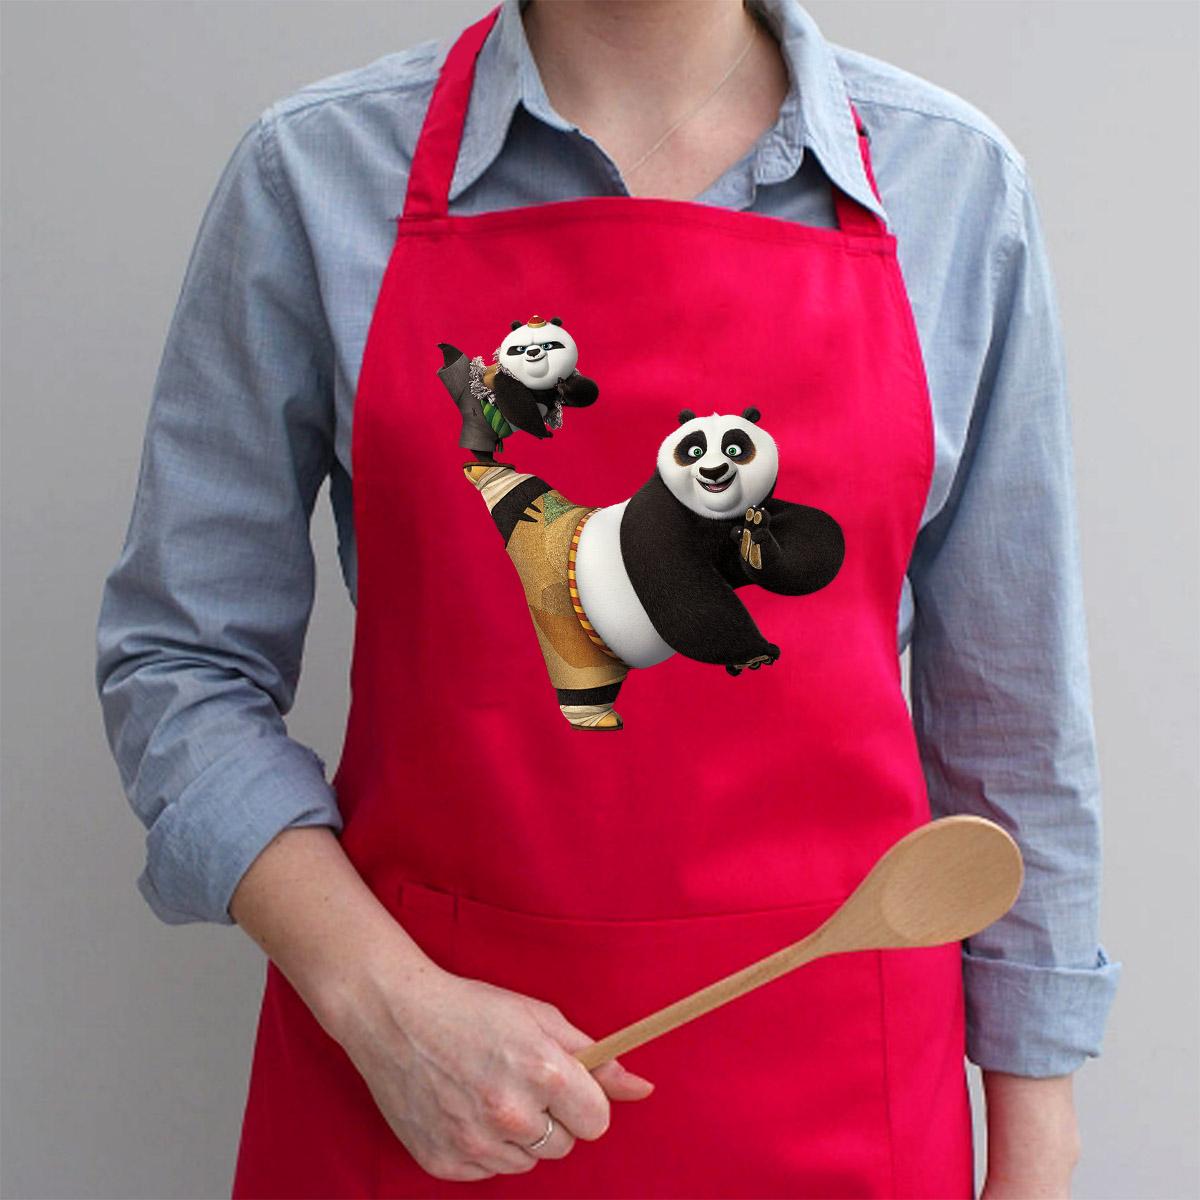 Tạp Dề Làm Bếp In Hình Gấu Trúc Panda Nhảy Múa - Mẫu004